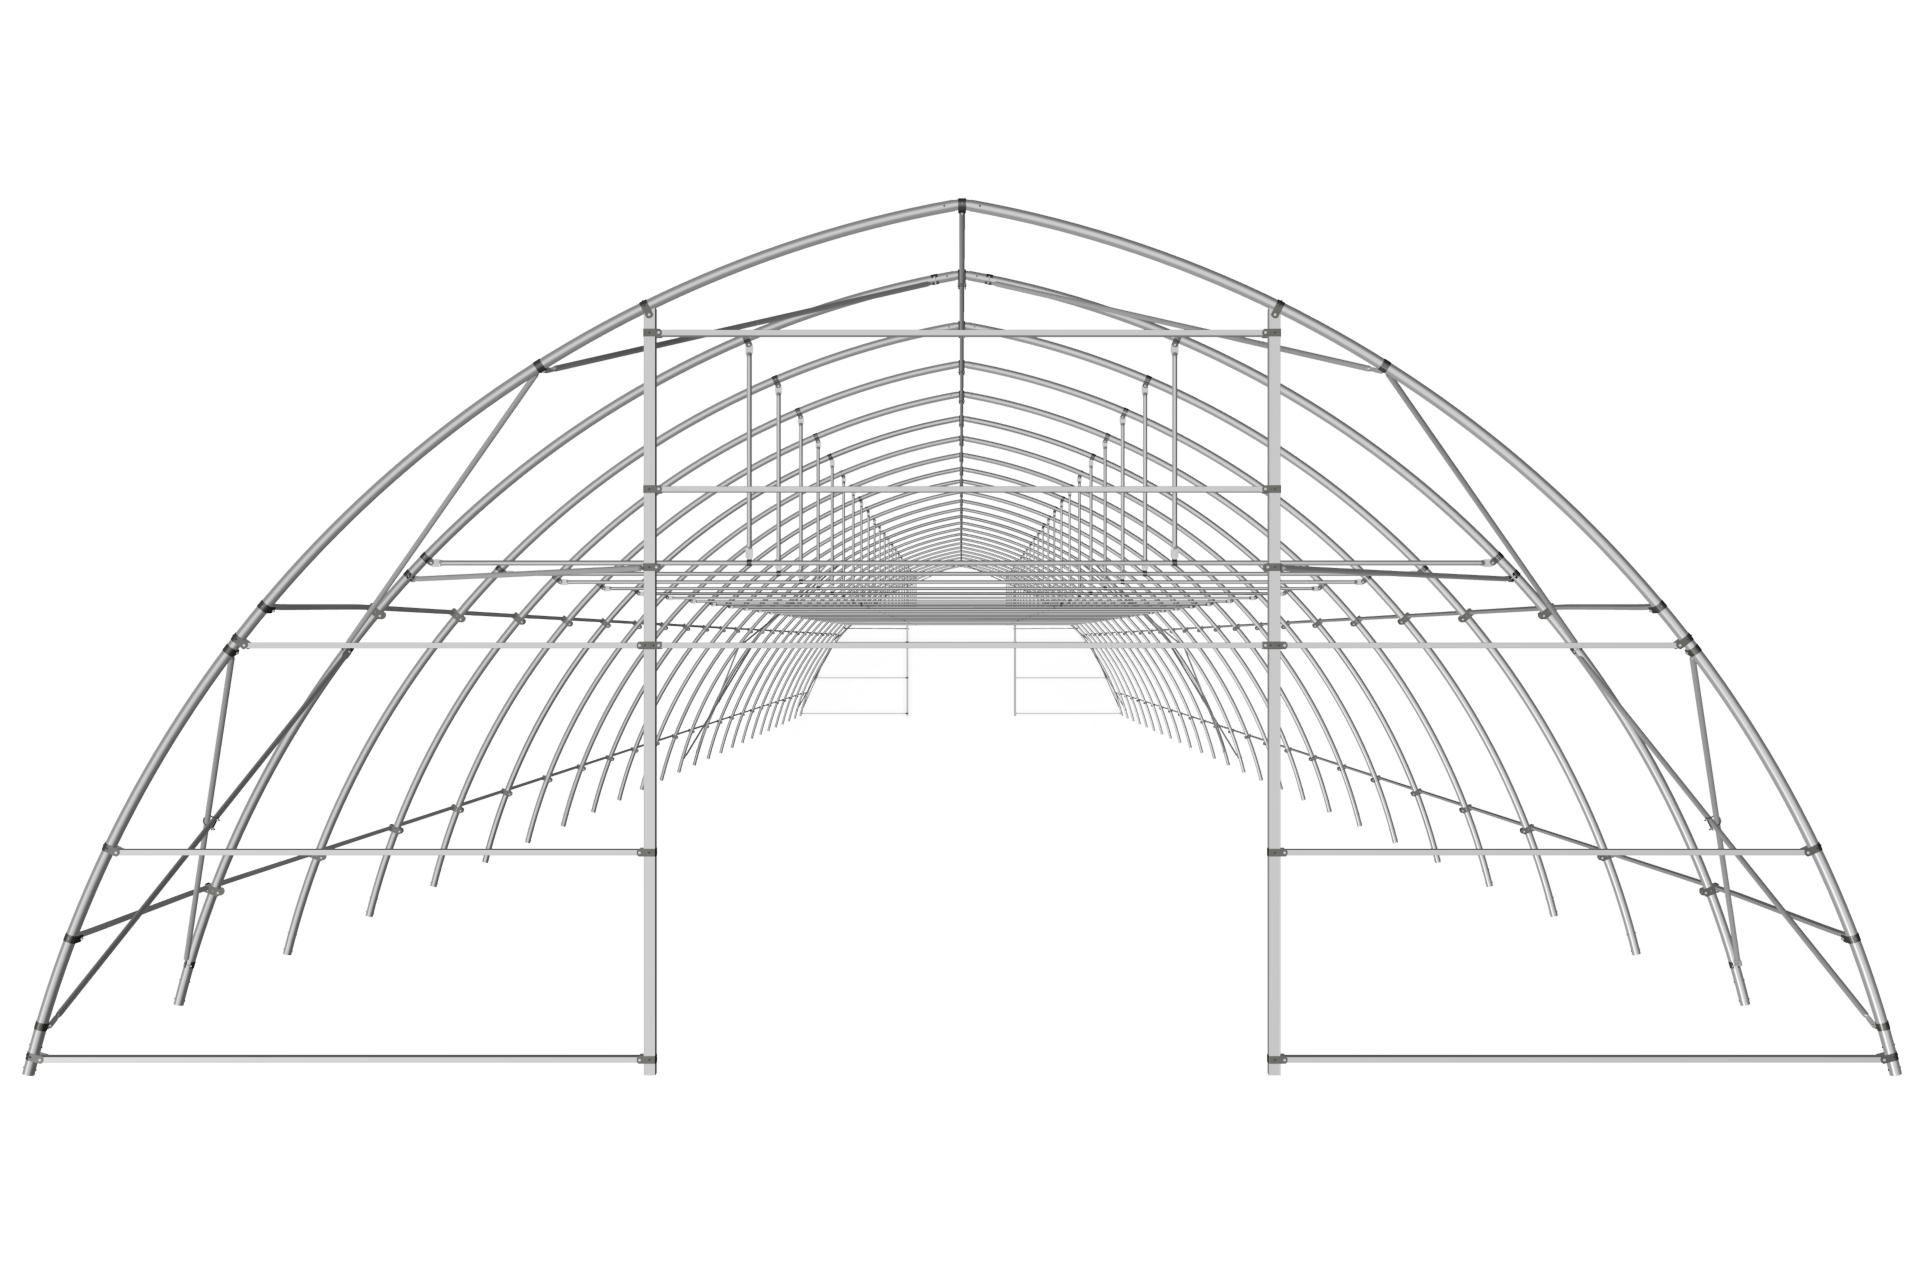 Фермерская теплица туннельная арочная 9,6х4,5 м